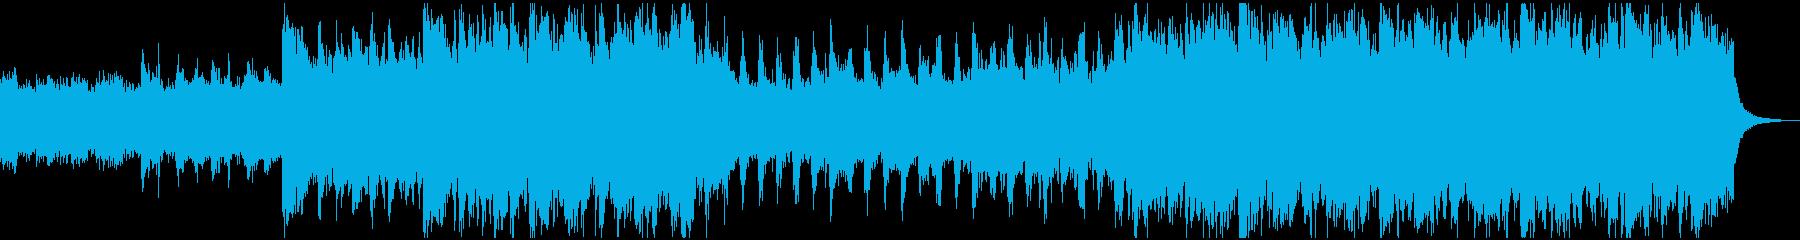 暗くゴシックな雰囲気のオルガンBGMの再生済みの波形